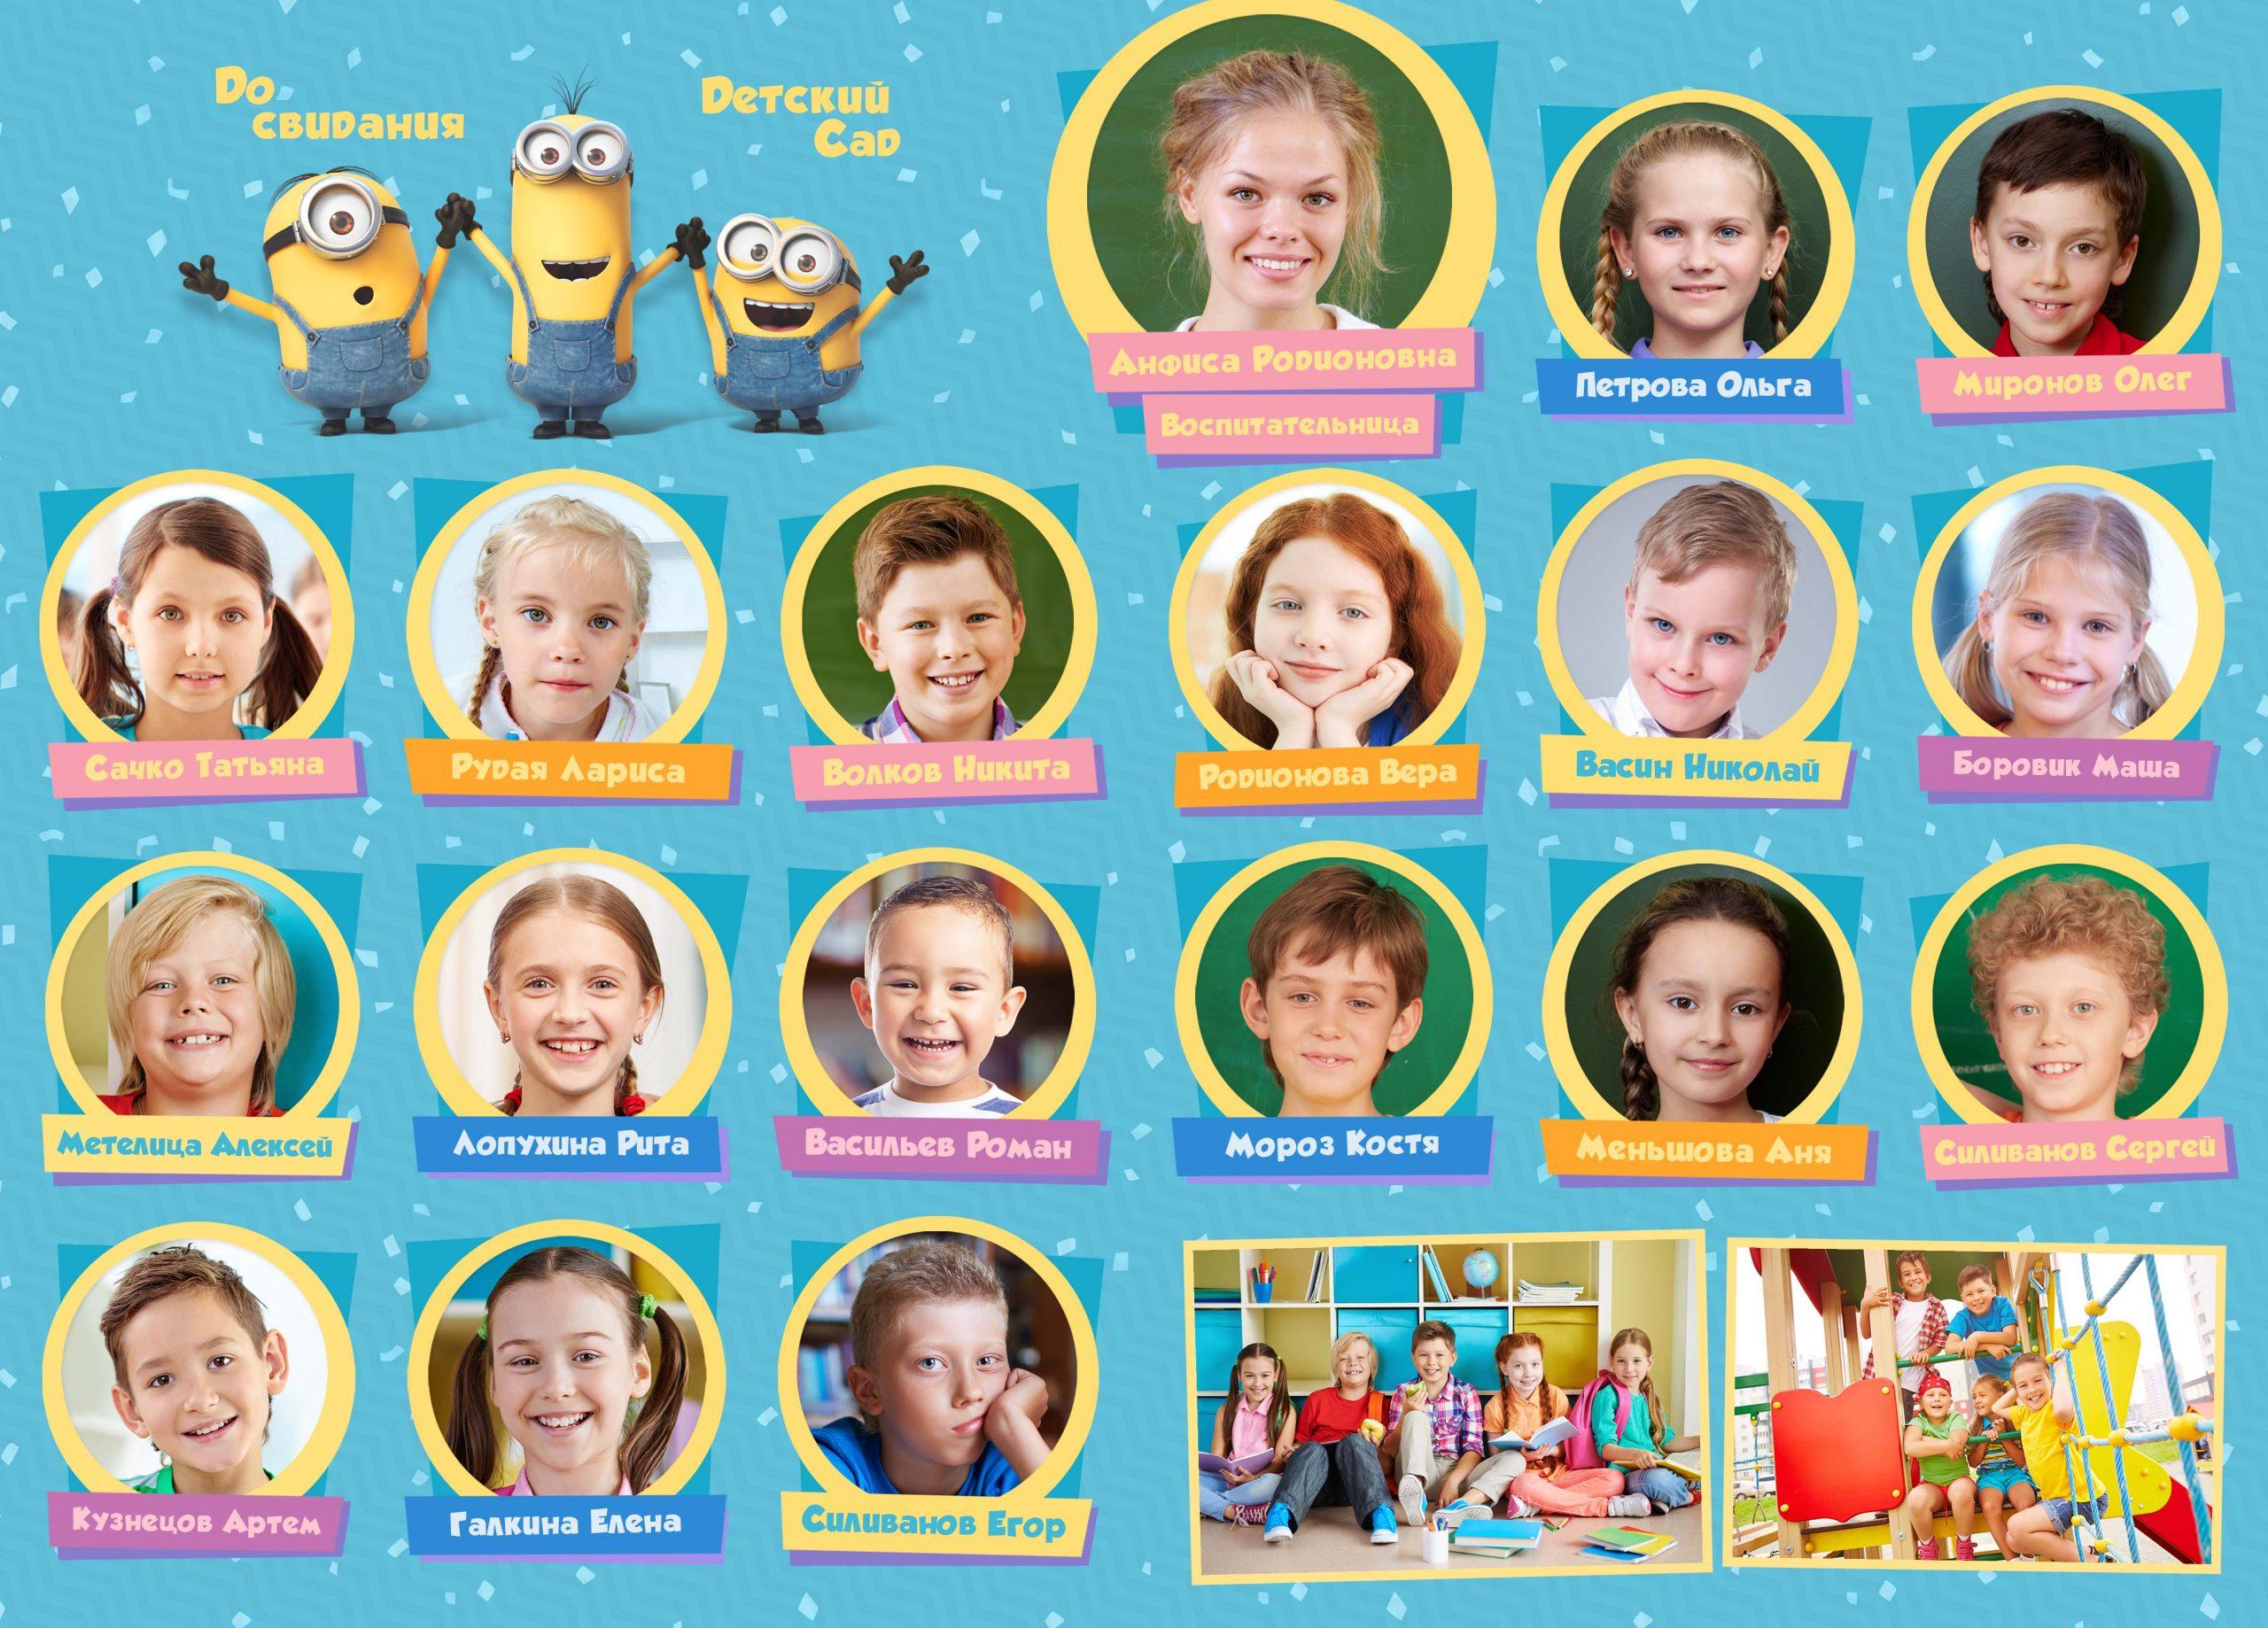 Виньетка для детского сада Севастополь